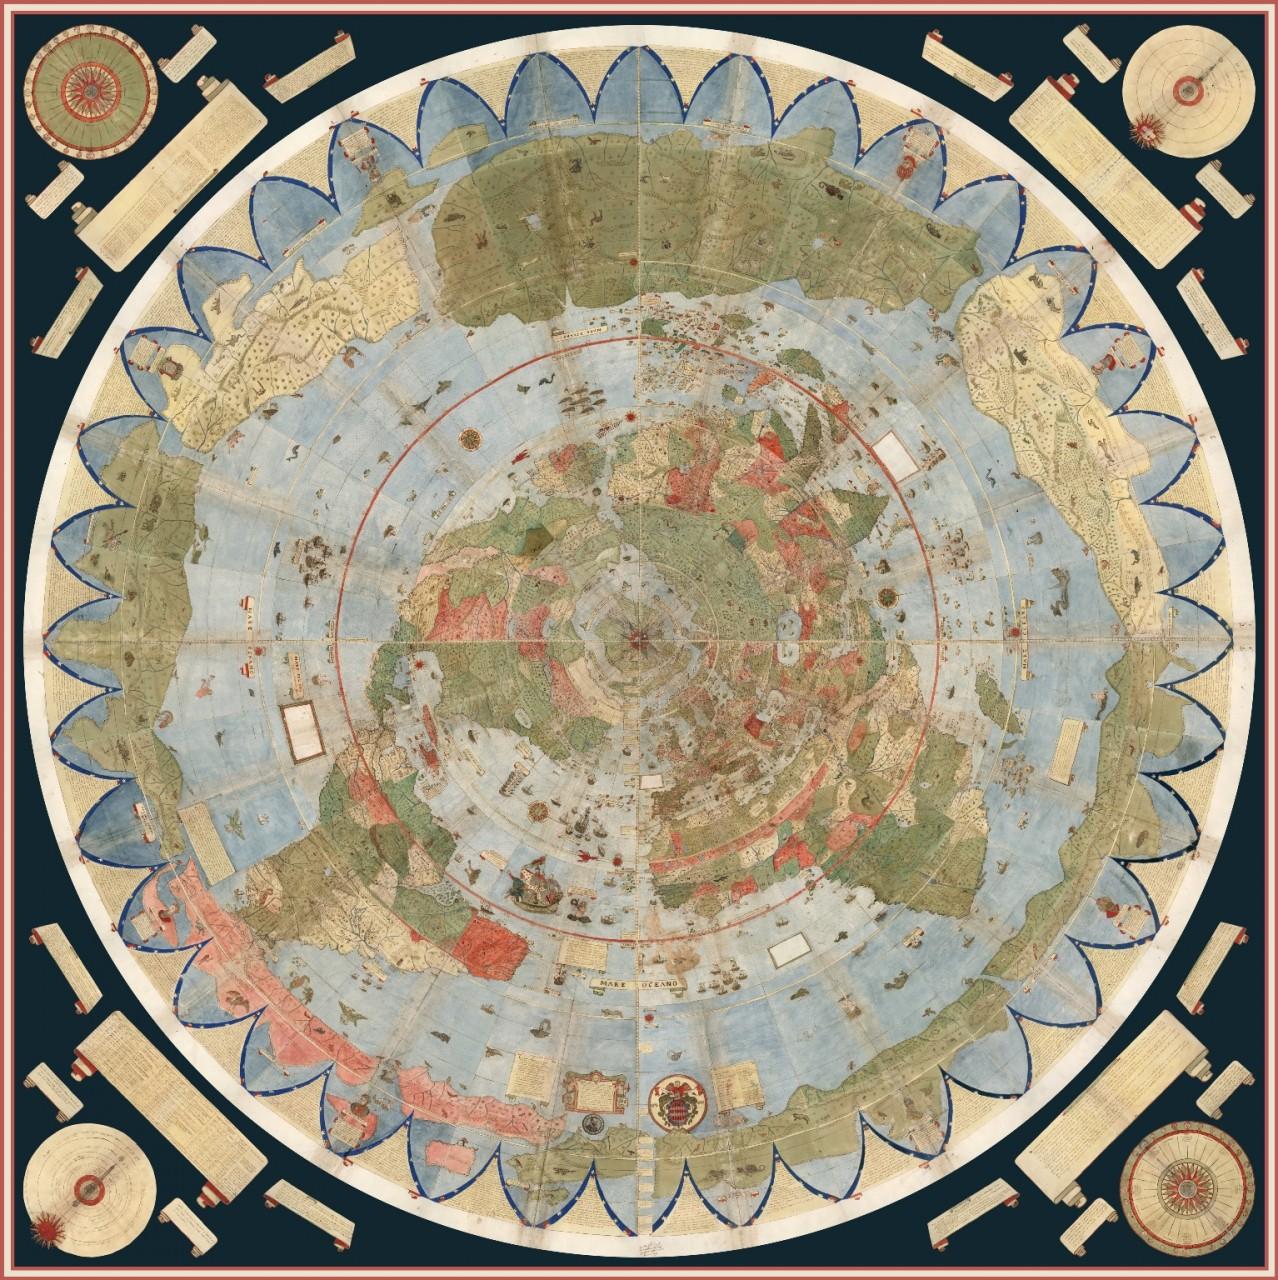 Таинственная 430 летняя карта, которую оцифровали коллекционеры